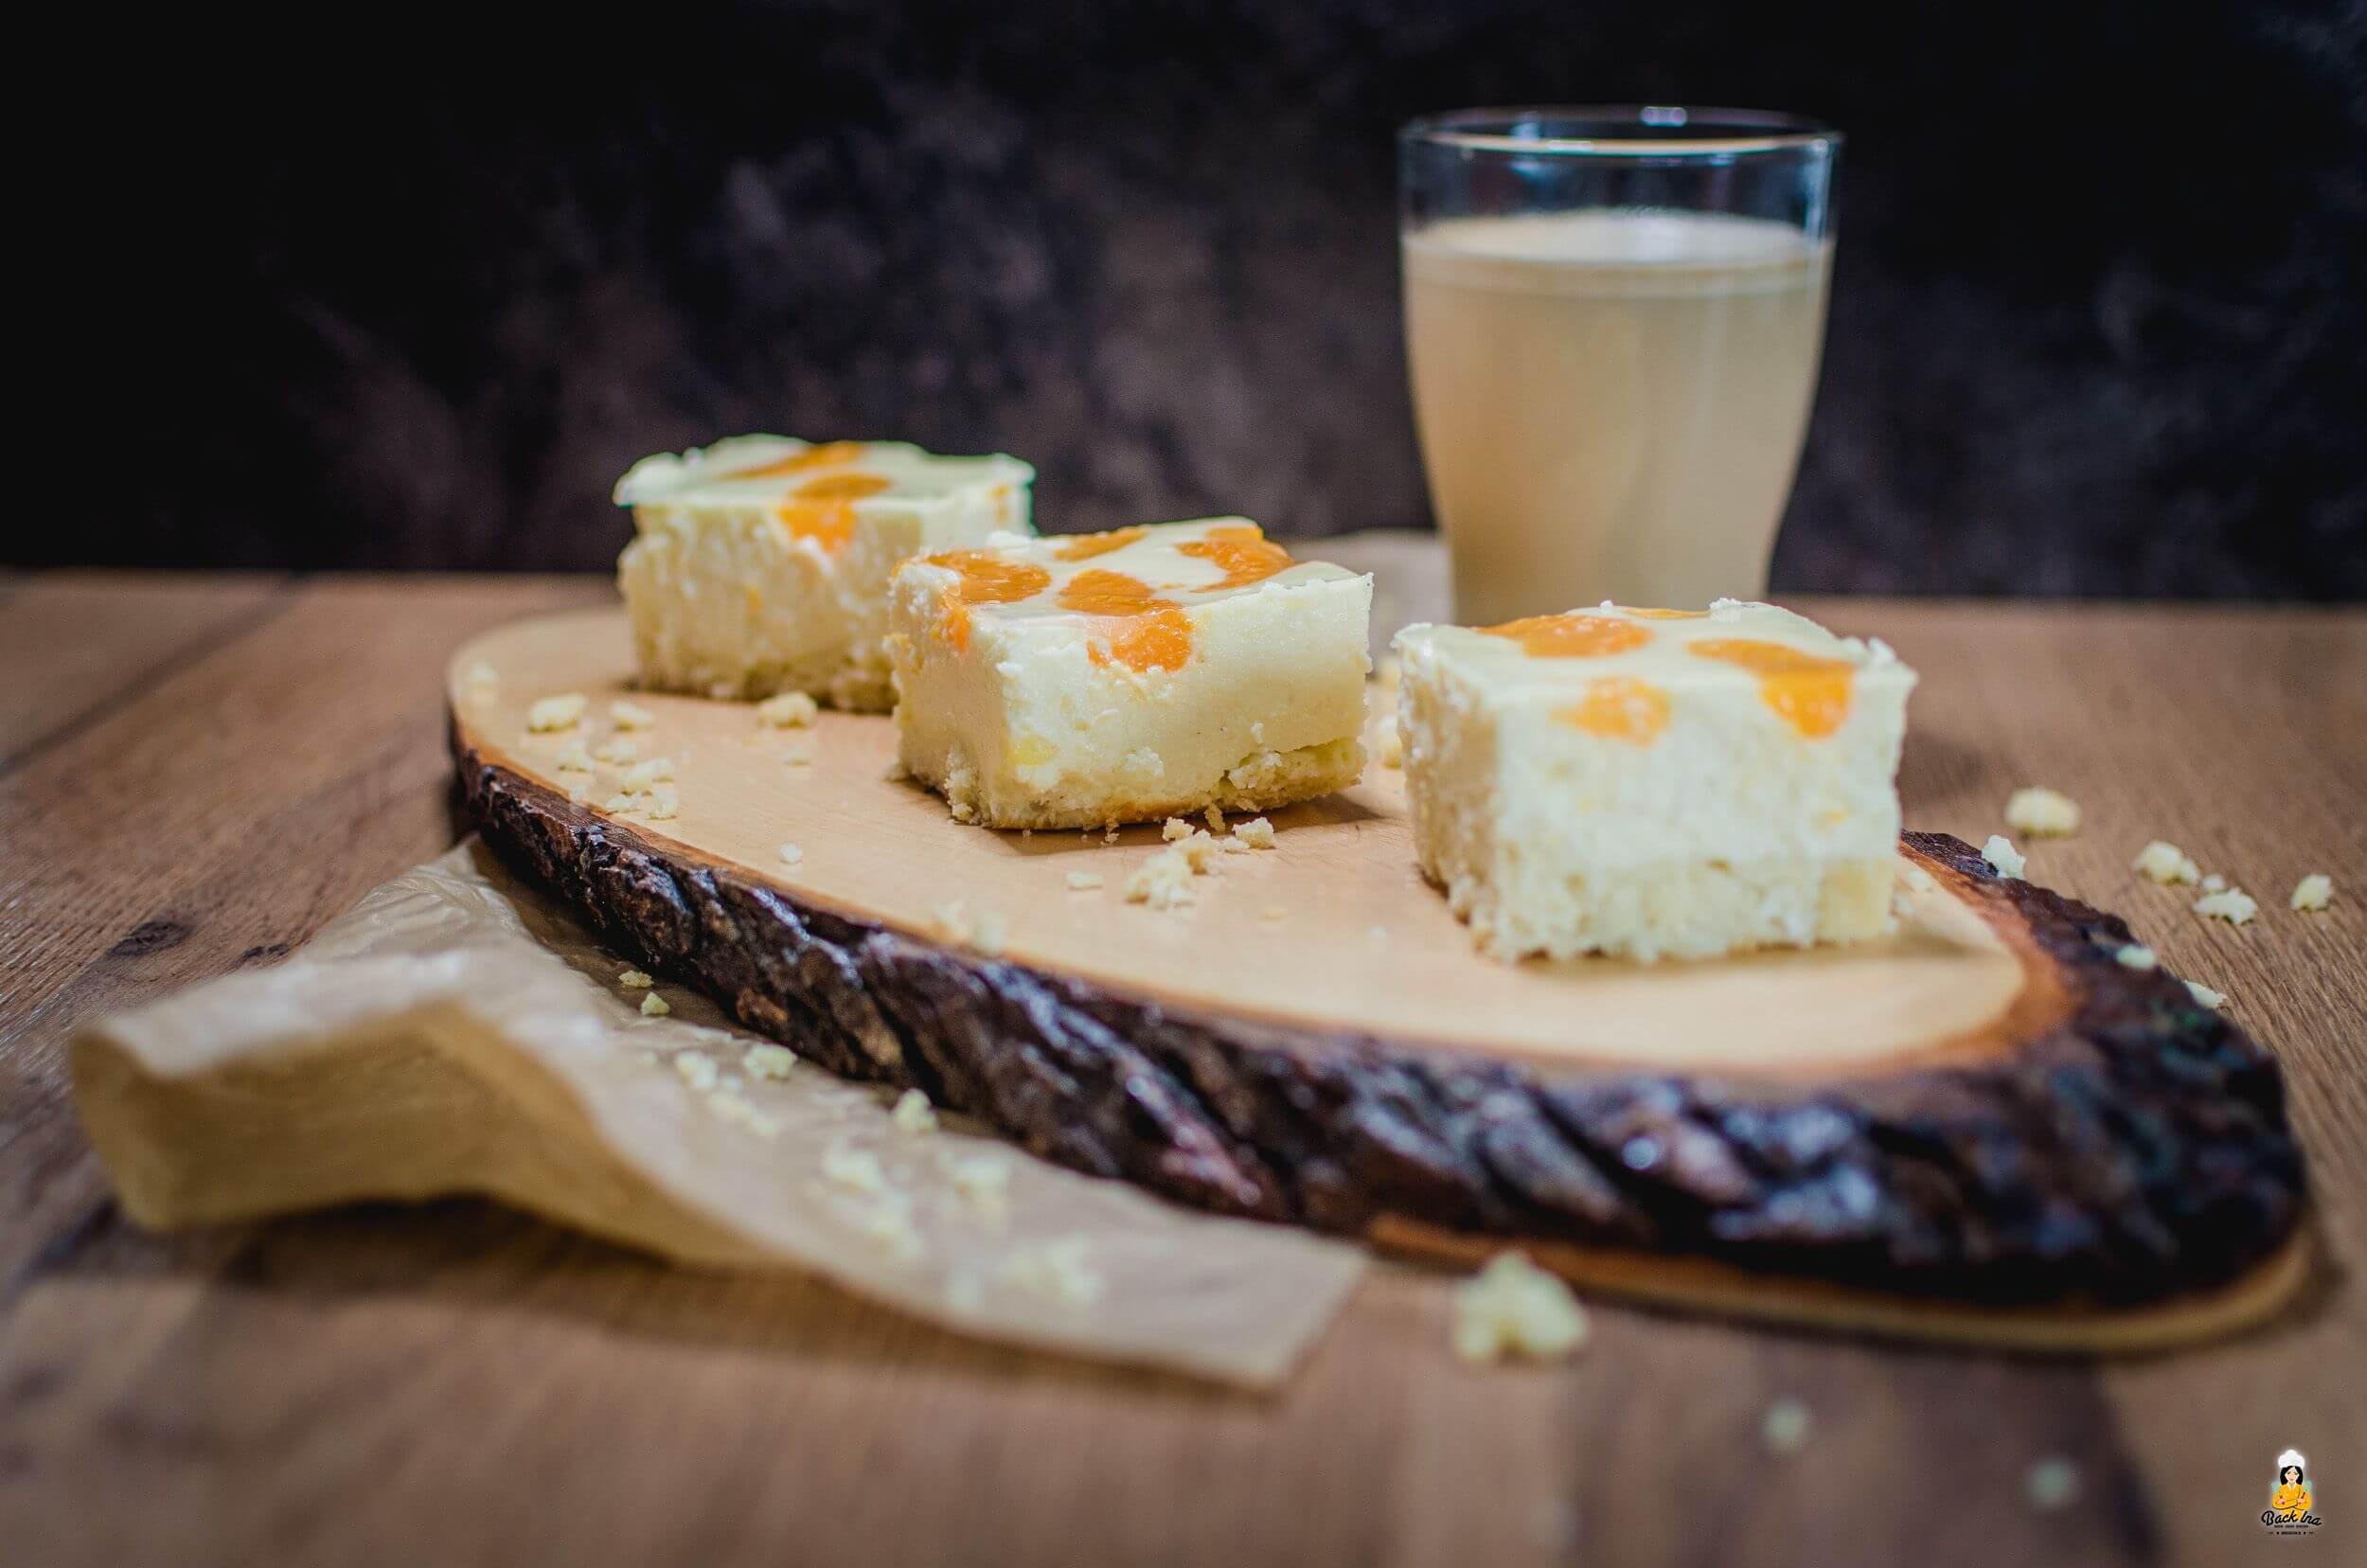 Käsekuchen mit Mandarinen: Faule Weiber Kuchen | BackIna.de